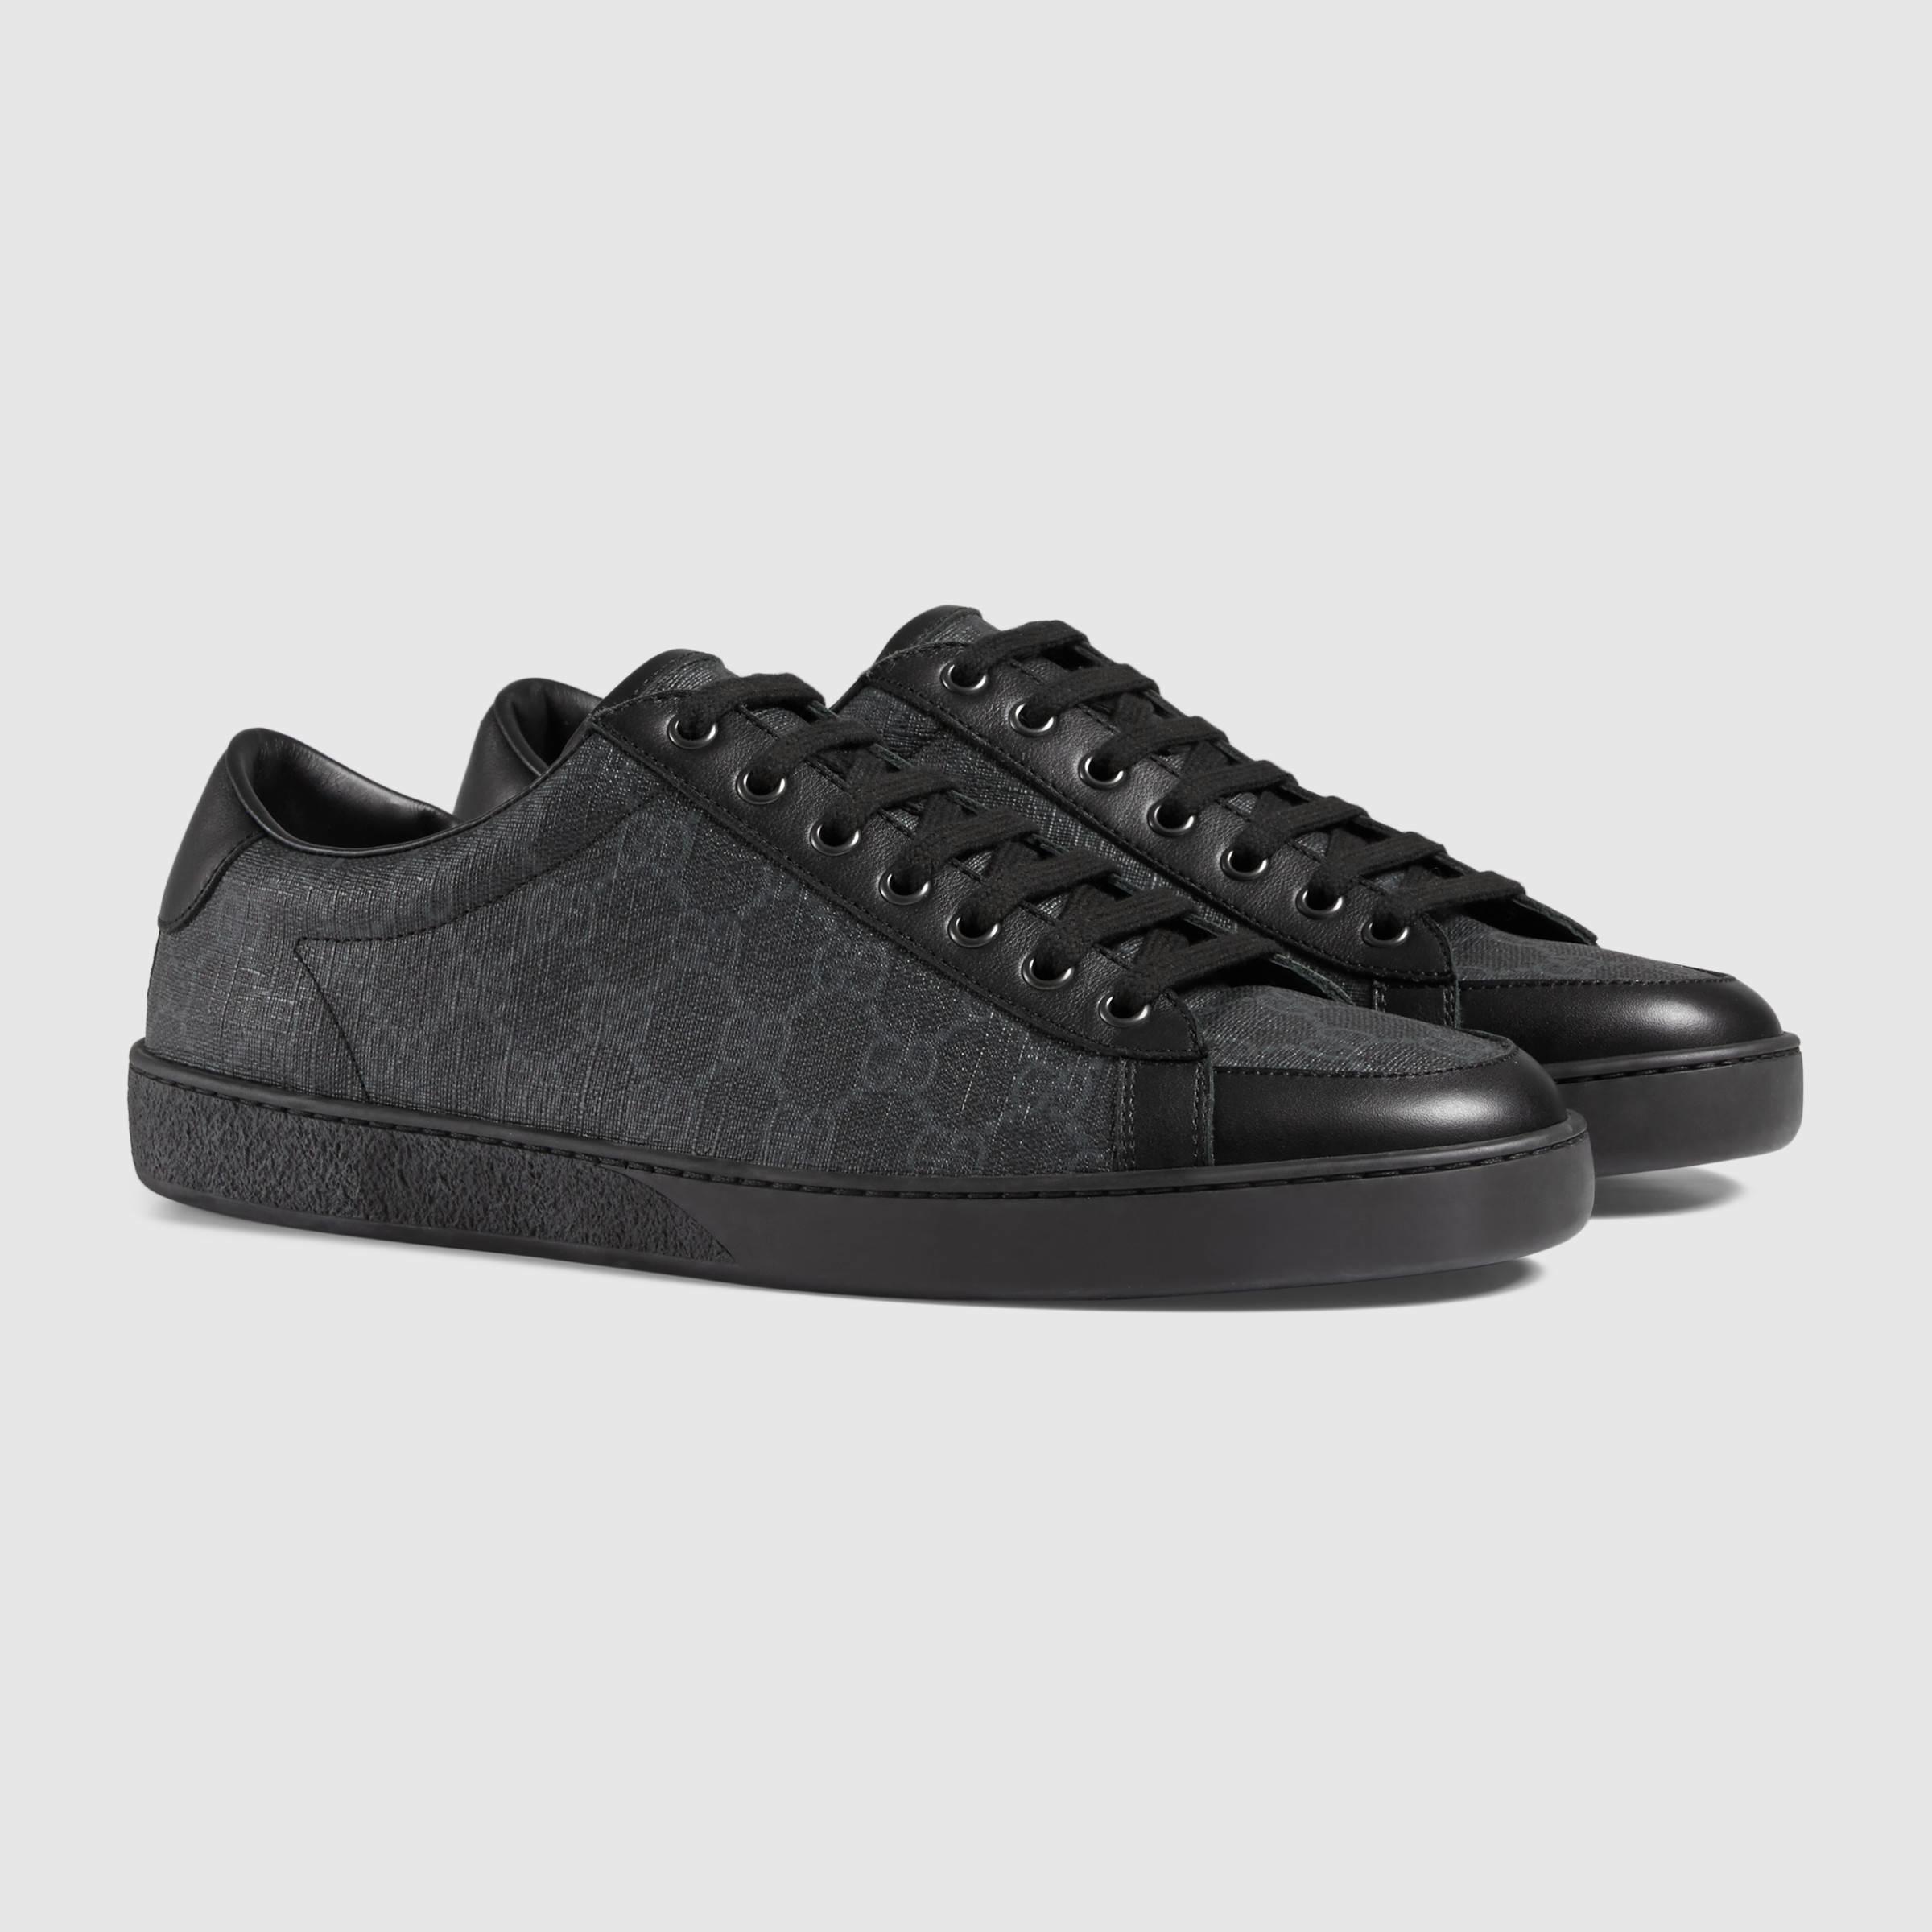 Gucci Canvas Gg Supreme Sneaker in